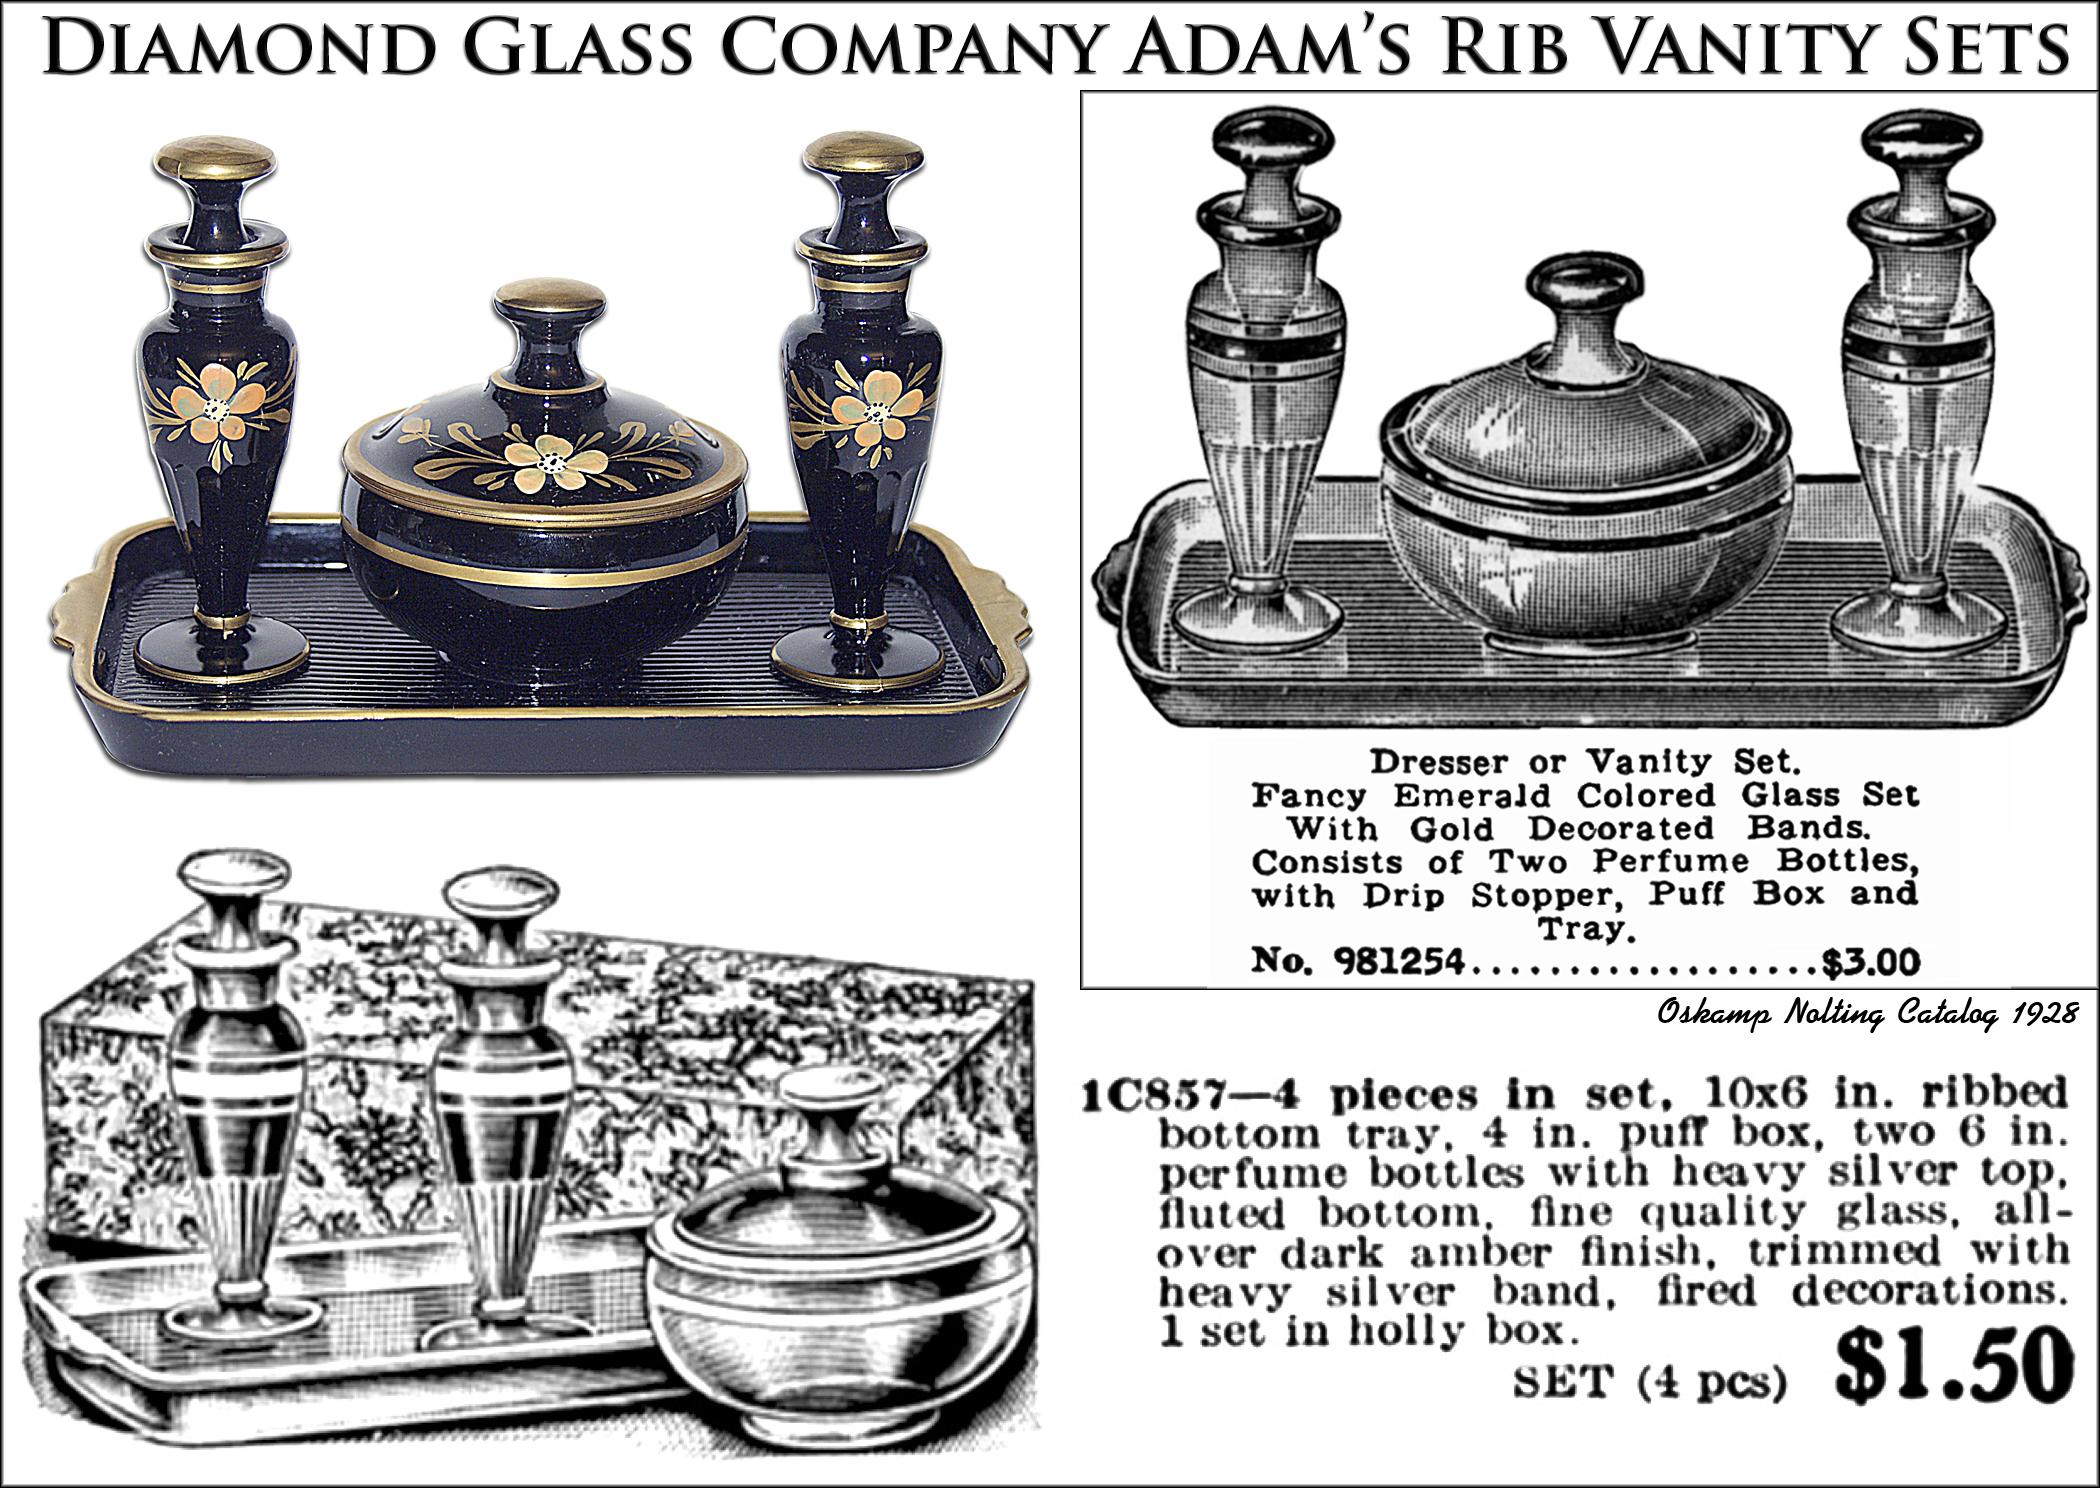 Diamond Vanity #900 Adams Rib Vanity Sets